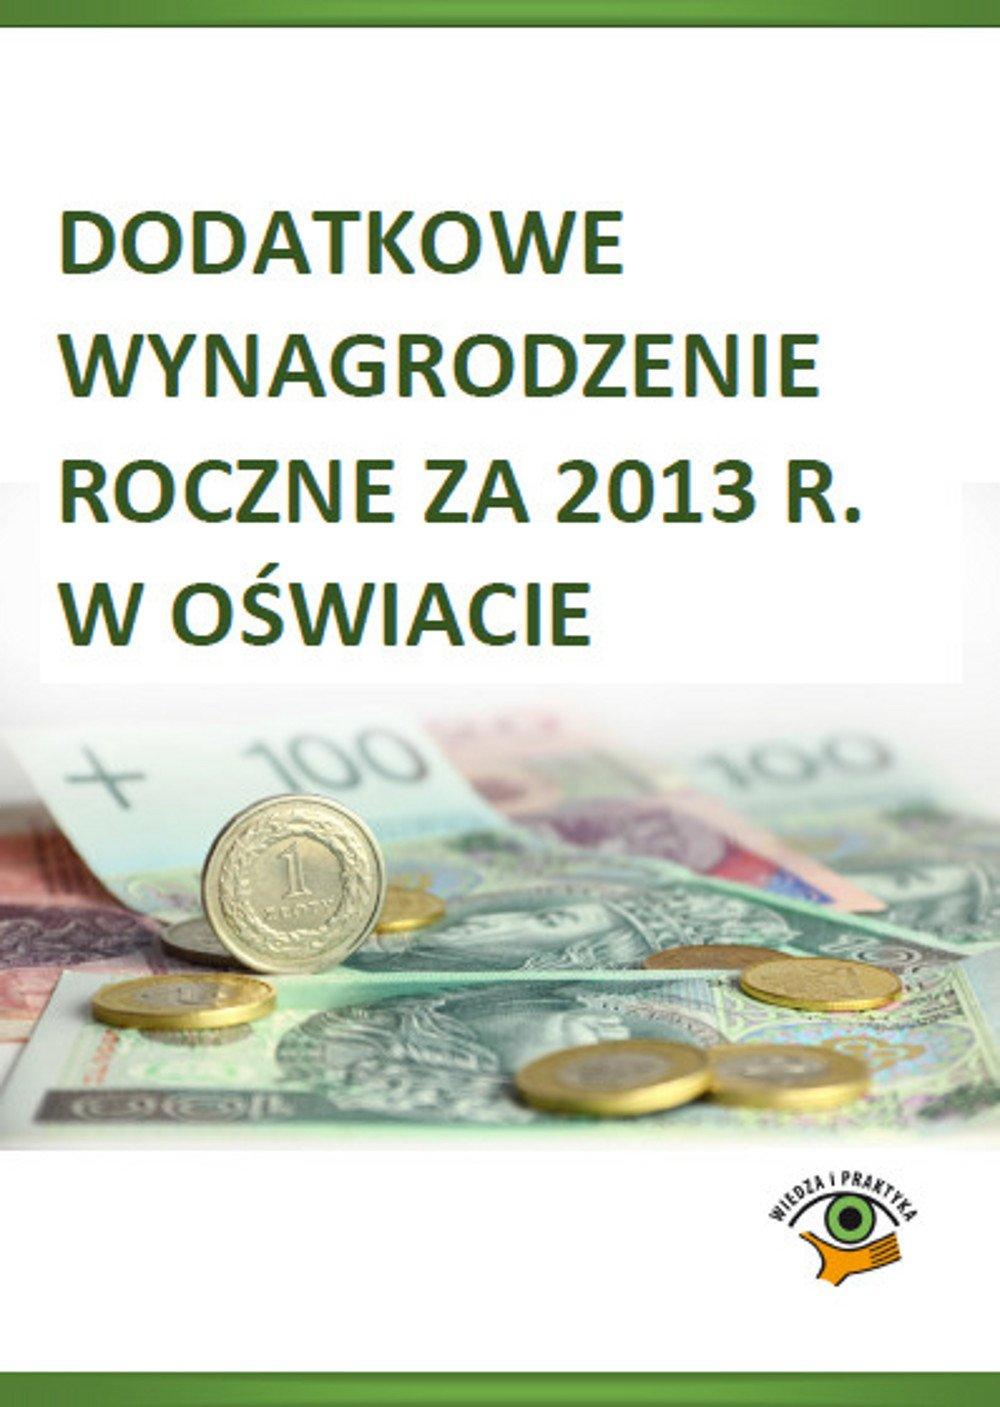 Dodatkowe wynagrodzenie roczne za 2013 r. w oświacie - Ebook (Książka PDF) do pobrania w formacie PDF